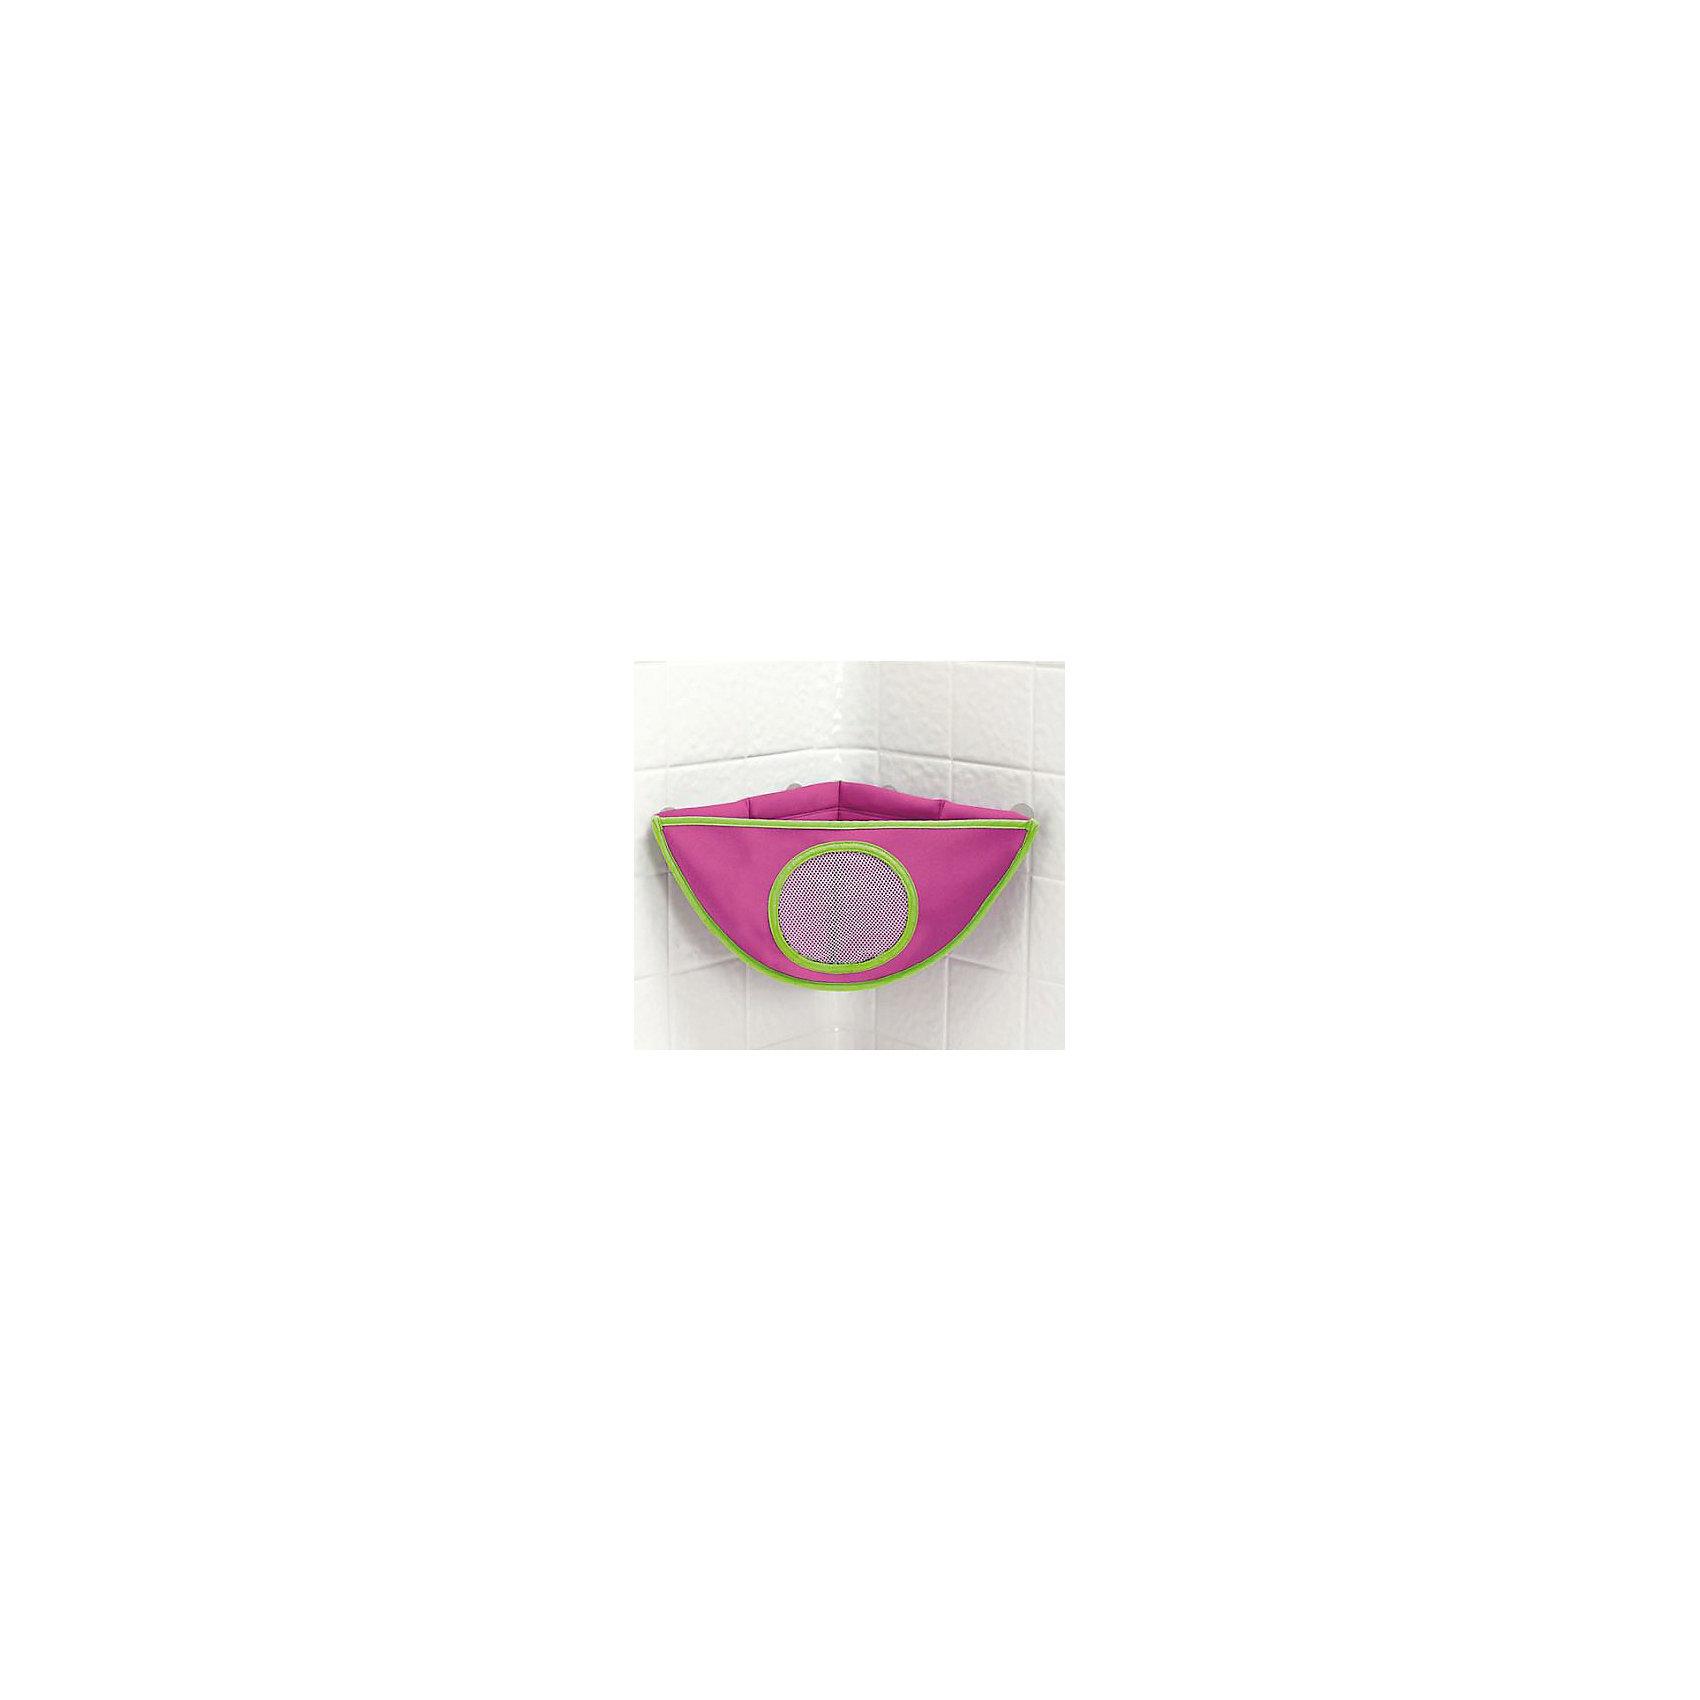 Органайзер для игрушек в ванной, Munchkin, розовыйОрганайзер для игрушек в ванной Munchkin<br><br>Если количество игрушек для купания стремительно растет, угловой органайзер Munchkinстанет идеальным решением для вашей ванной! Вы легко увидите, какие игрушки хранятся в нем.<br><br>Стойкий материал - неопрен -  и сливные отверстия обеспечат чистоту и сухость игрушек при хранении и защитят от плесени.<br><br>Дополнительная информация:<br><br>- помогает хранить игрушки в порядке и в сухости<br>- изготовлен из мягкого материала - неопрена, устойчивого к плесени<br>- 4 присоски прочно крепятся и регулируются слева направо<br>- Размер органайзера: 37 см х 27 см х 21 см.<br><br>ВНИМАНИЕ! Данный артикул имеется в наличии в разных цветовых исполнениях. К сожалению, заранее выбрать определенный цвет невозможно. При заказе нескольких позиций возможно получение одинаковых.<br><br>Кредо Munchkin, американской компании с 20-летней историей: избавить мир от надоевших и прозаических товаров, искать умные инновационные решения, которые превращает обыденные задачи в опыт, приносящий удовольствие. Понимая, что наибольшее значение в быту имеют именно мелочи, компания создает уникальные товары, которые помогают поддерживать порядок, организовывать пространство, облегчают уход за детьми – недаром компания имеет уже более 140 патентов и изобретений, используемых в создании ее неповторимой и оригинальной продукции. Munchkin делает жизнь родителей легче!<br><br>Ширина мм: 153<br>Глубина мм: 217<br>Высота мм: 52<br>Вес г: 184<br>Возраст от месяцев: 6<br>Возраст до месяцев: 72<br>Пол: Унисекс<br>Возраст: Детский<br>SKU: 3174952